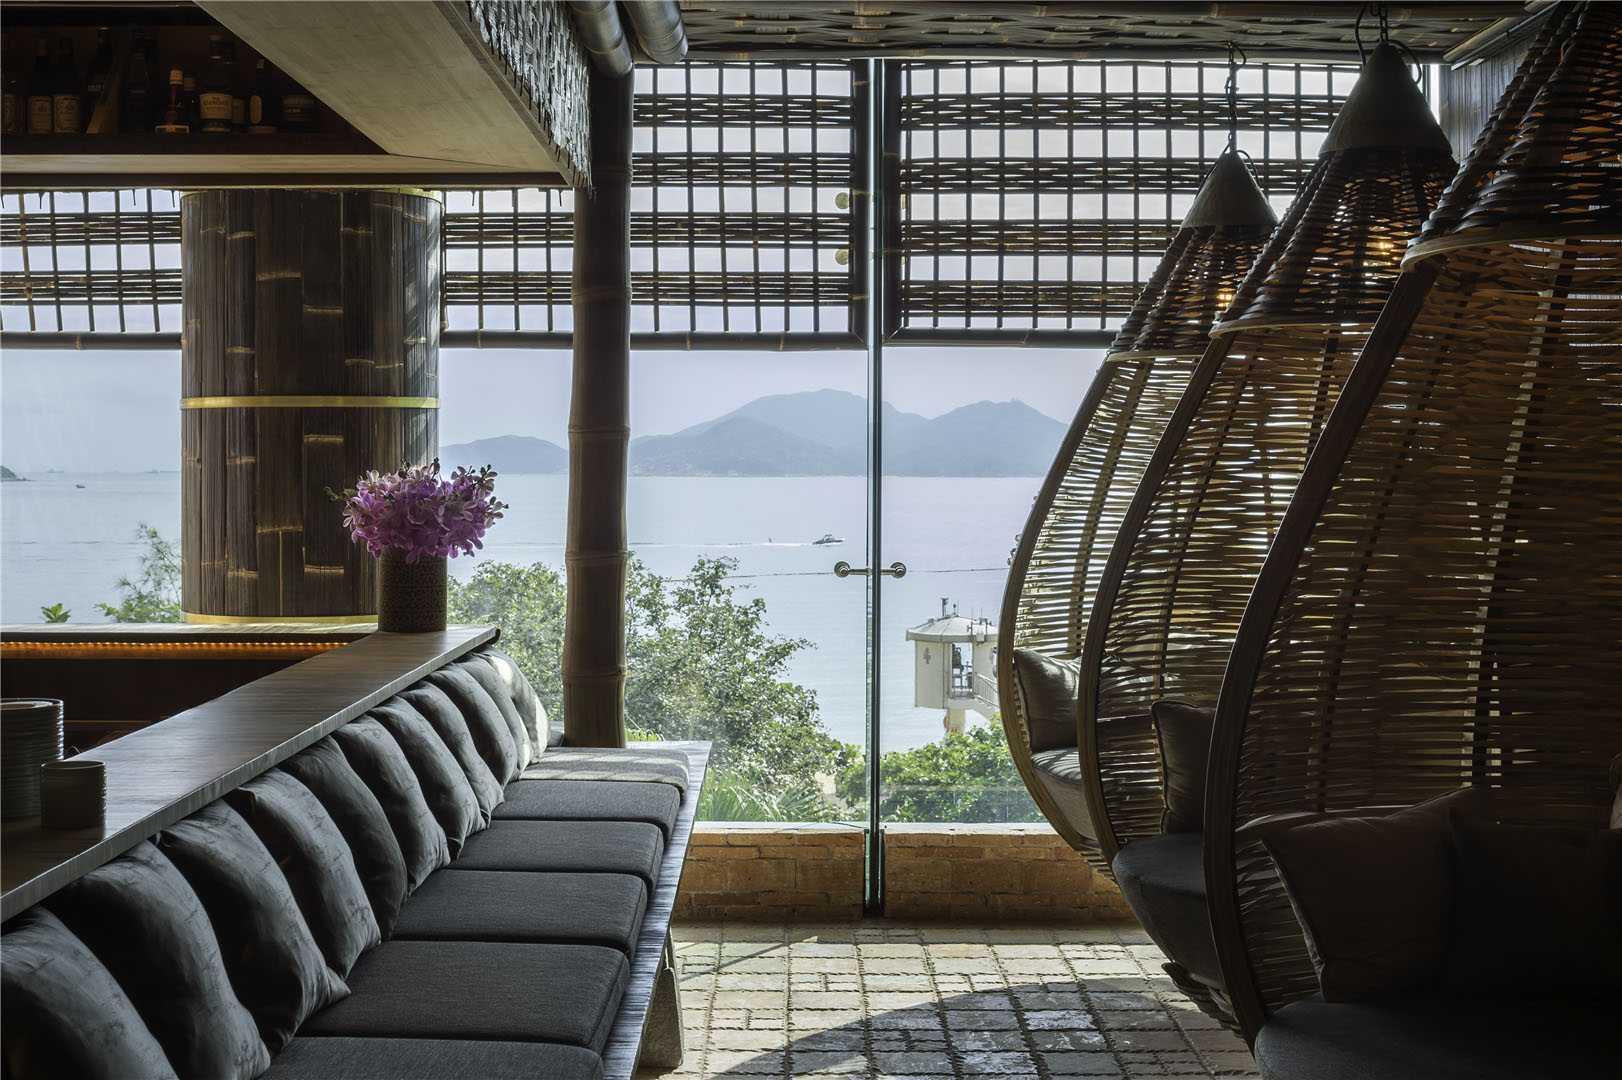 TRi, restoran bernuansa Bali dengan keindahan pemandangan pantai, laut, dan gunung (Sumber: arsitag.com)